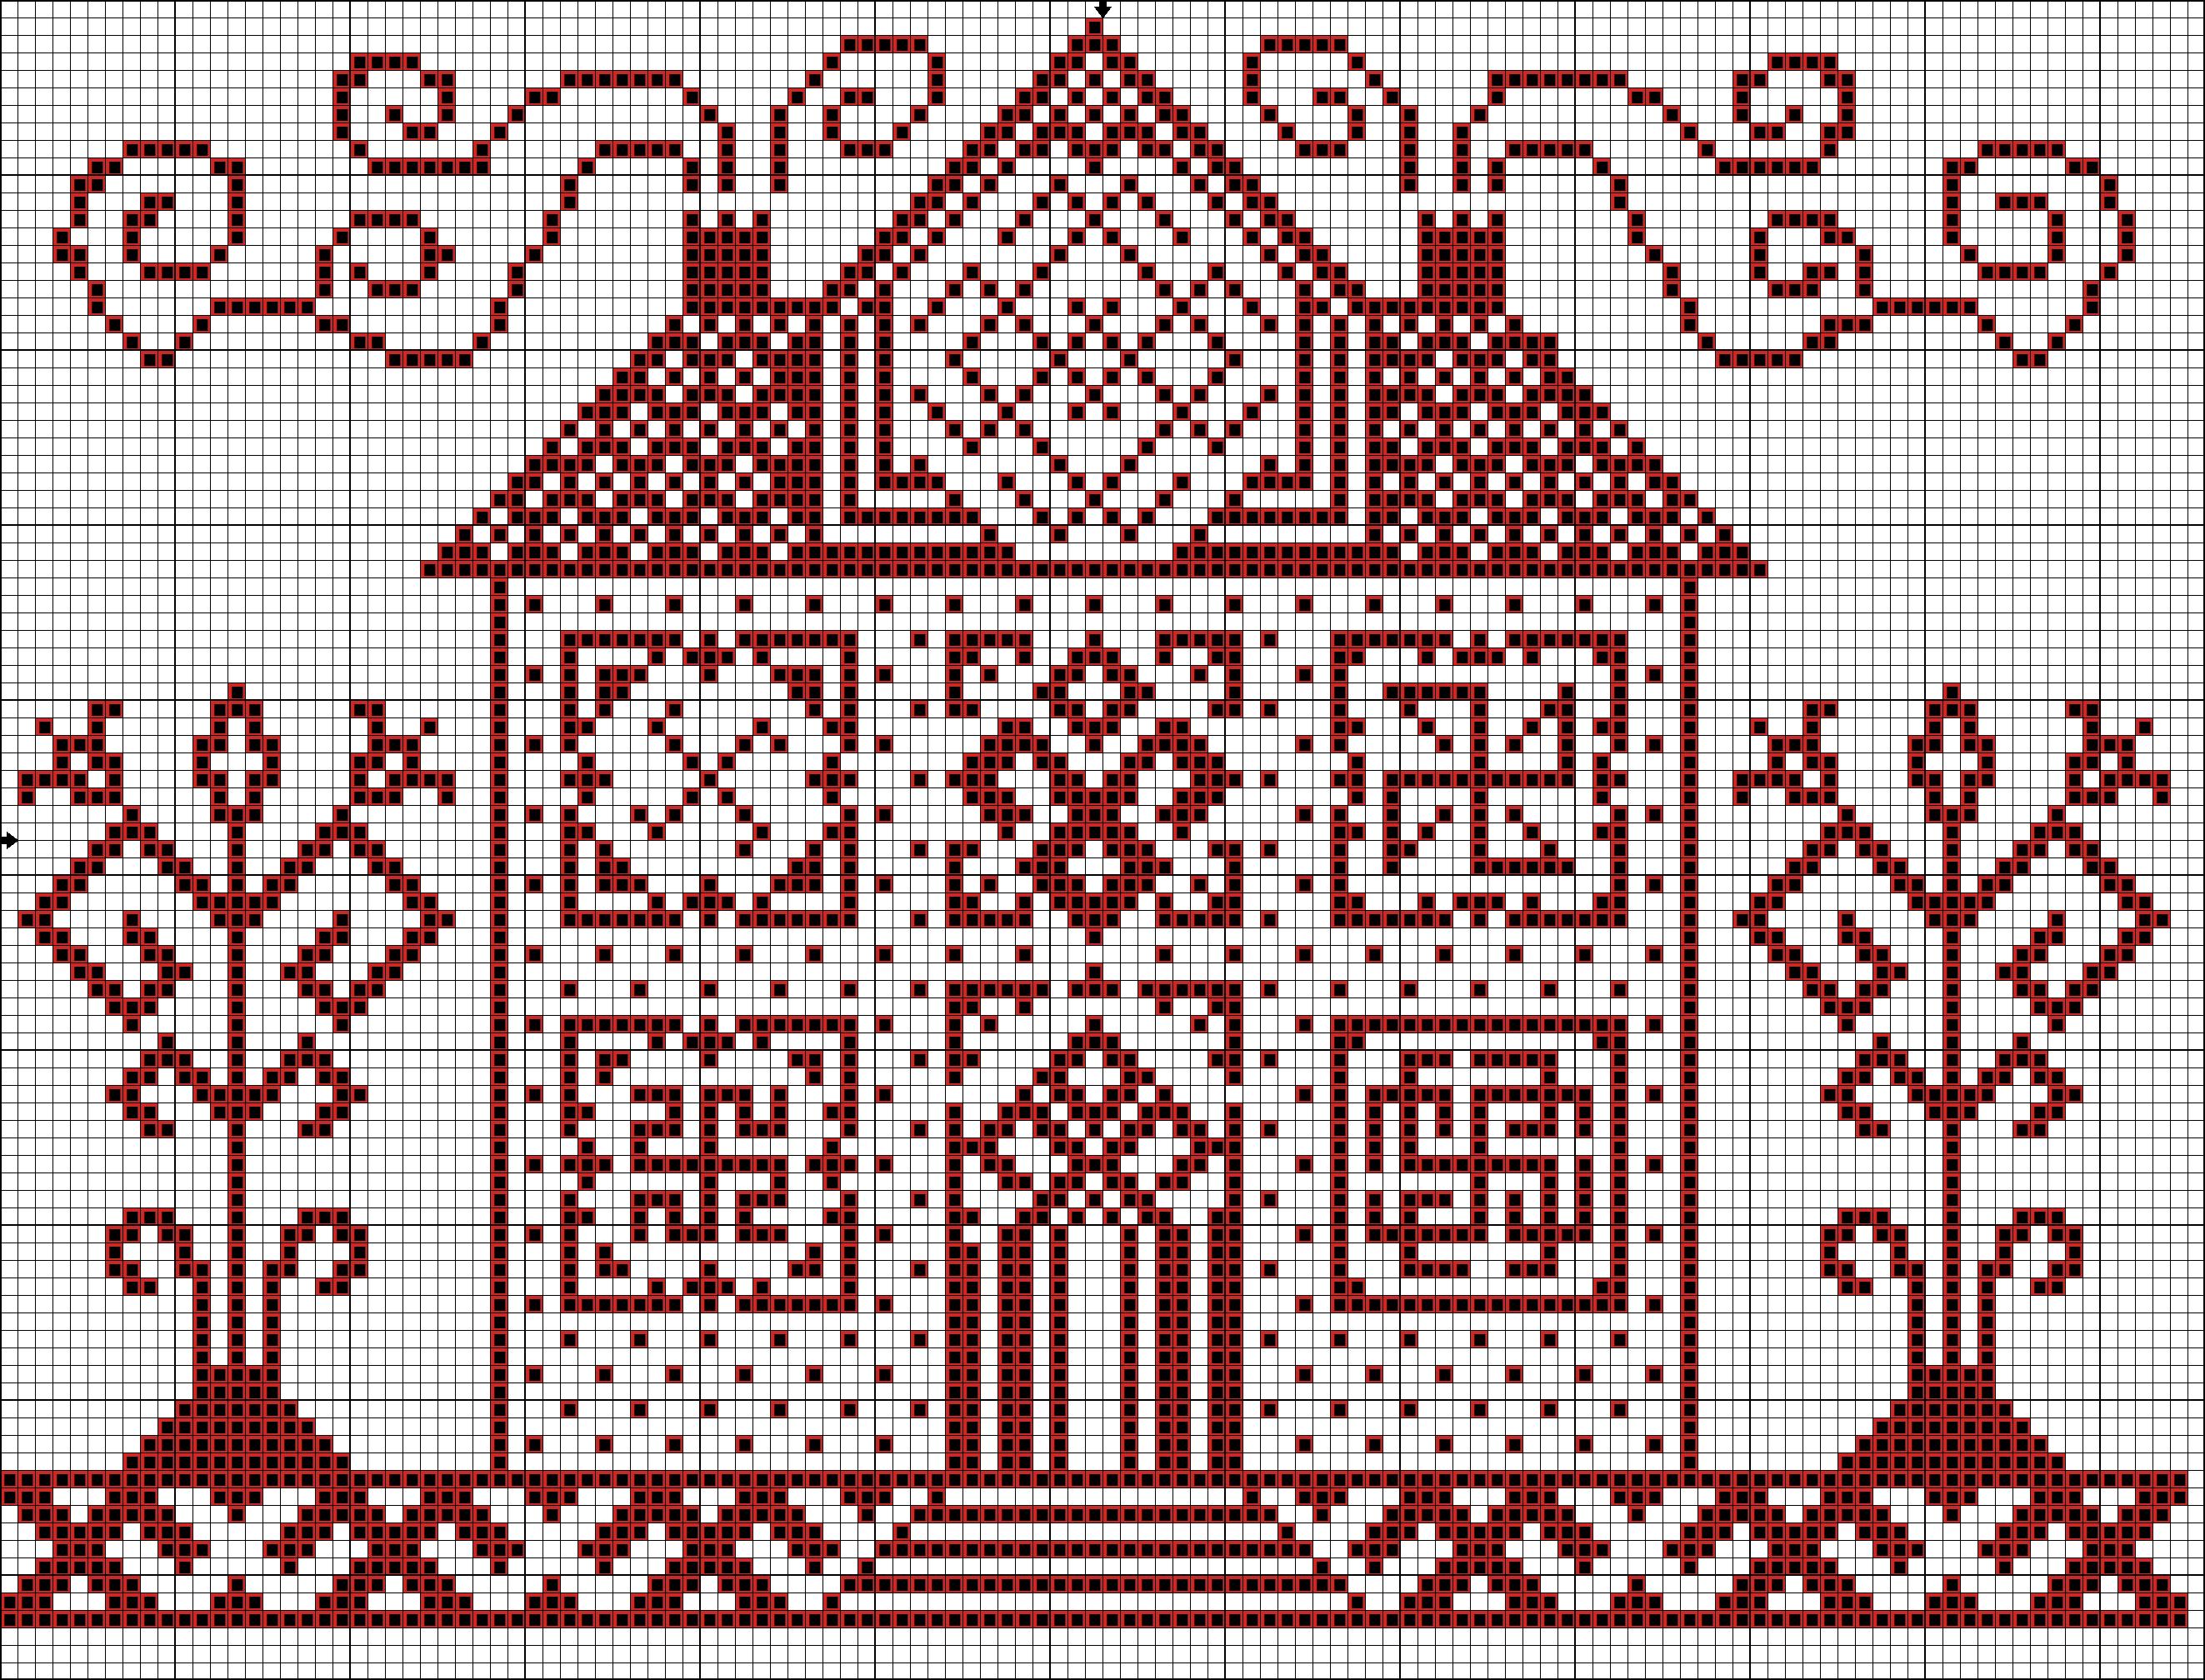 Домики вышивка крестом монохромная схемы